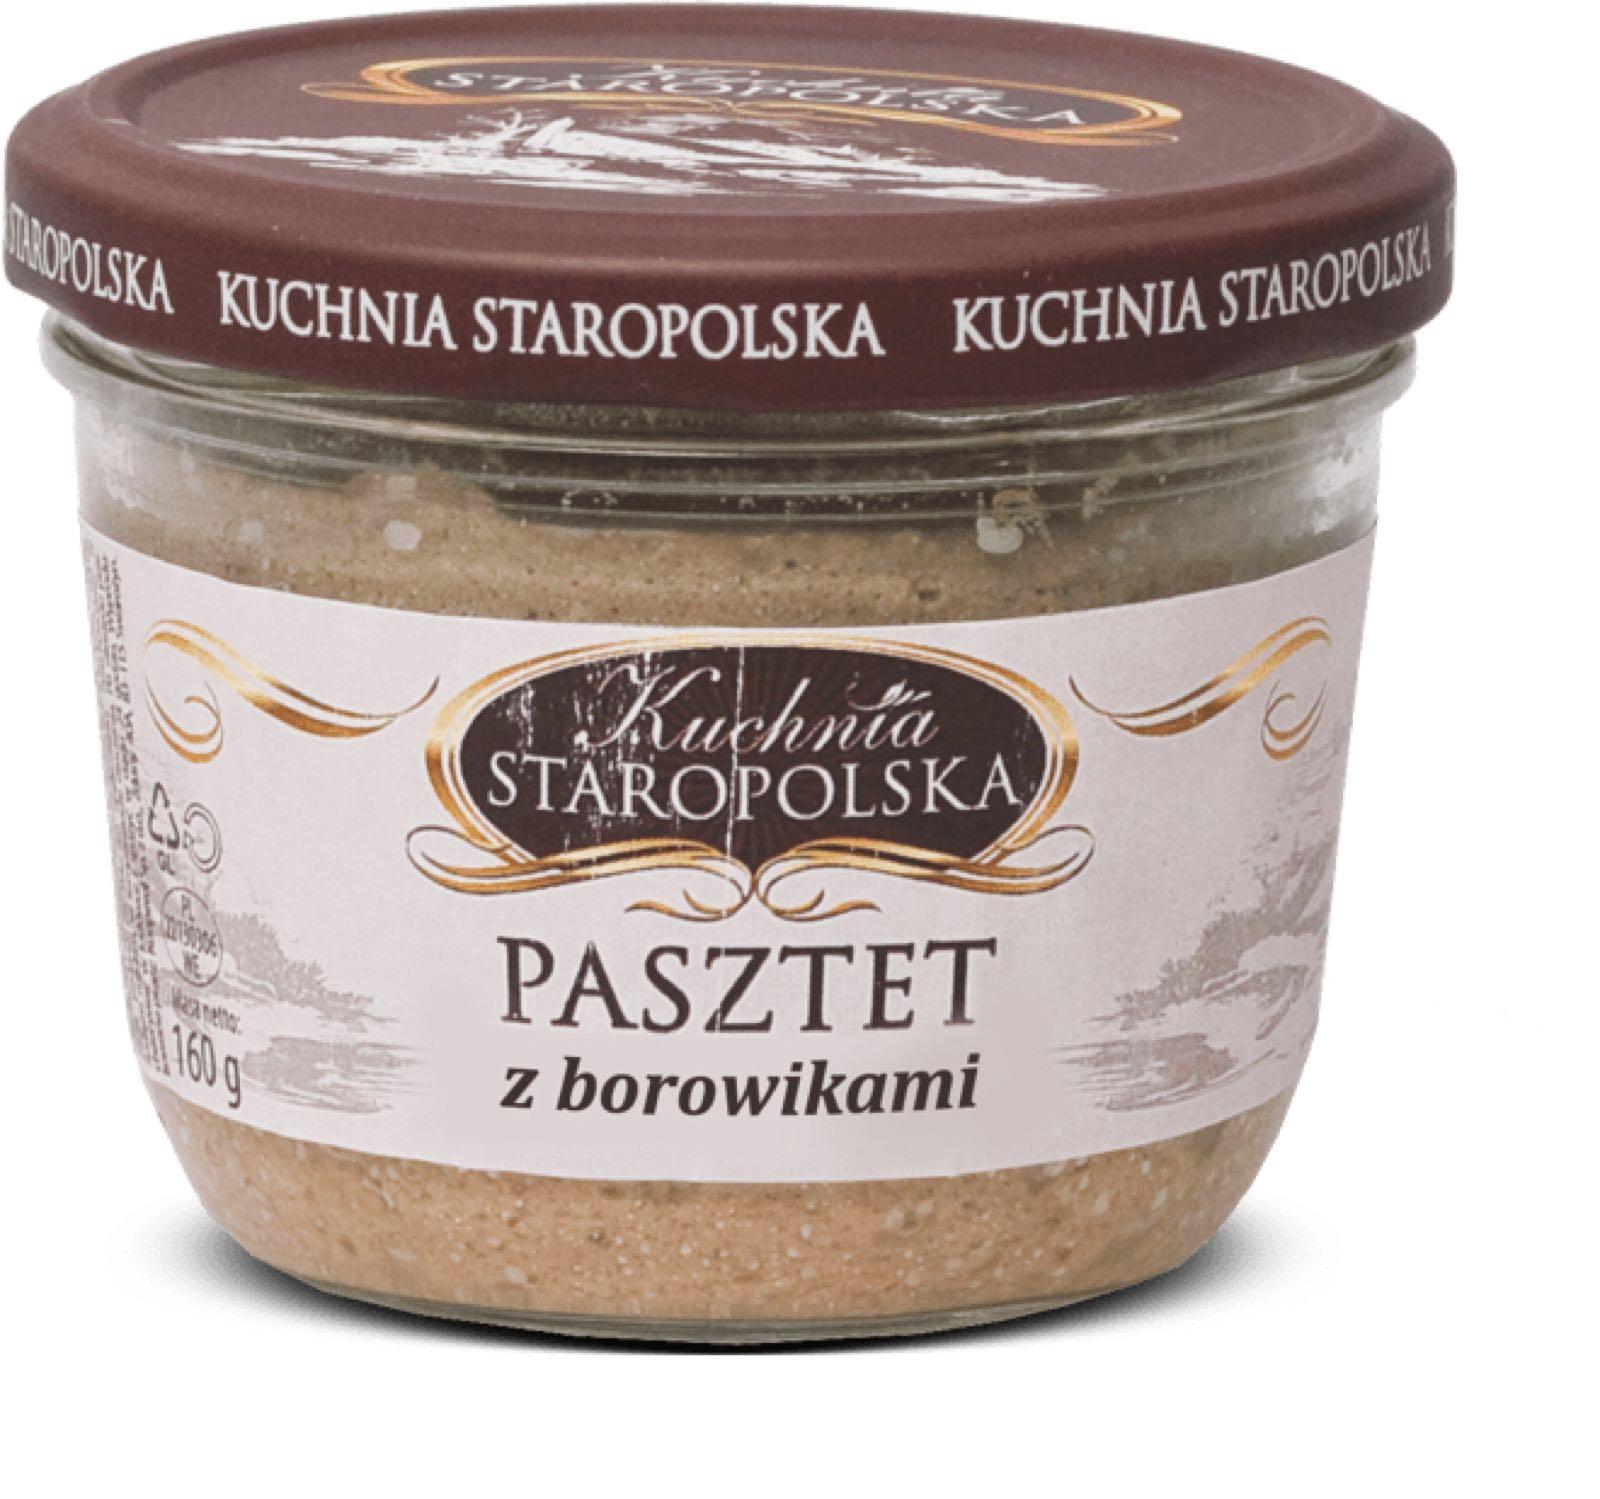 Herkkutattipatee - Pasztet z borowikami Kuchnia Staropolska 160g